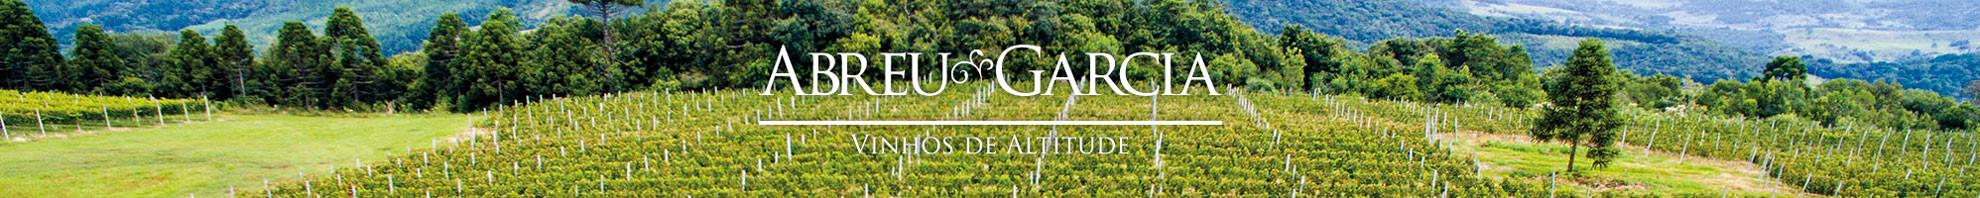 Abreu Garcia - Vinhos de Altitude